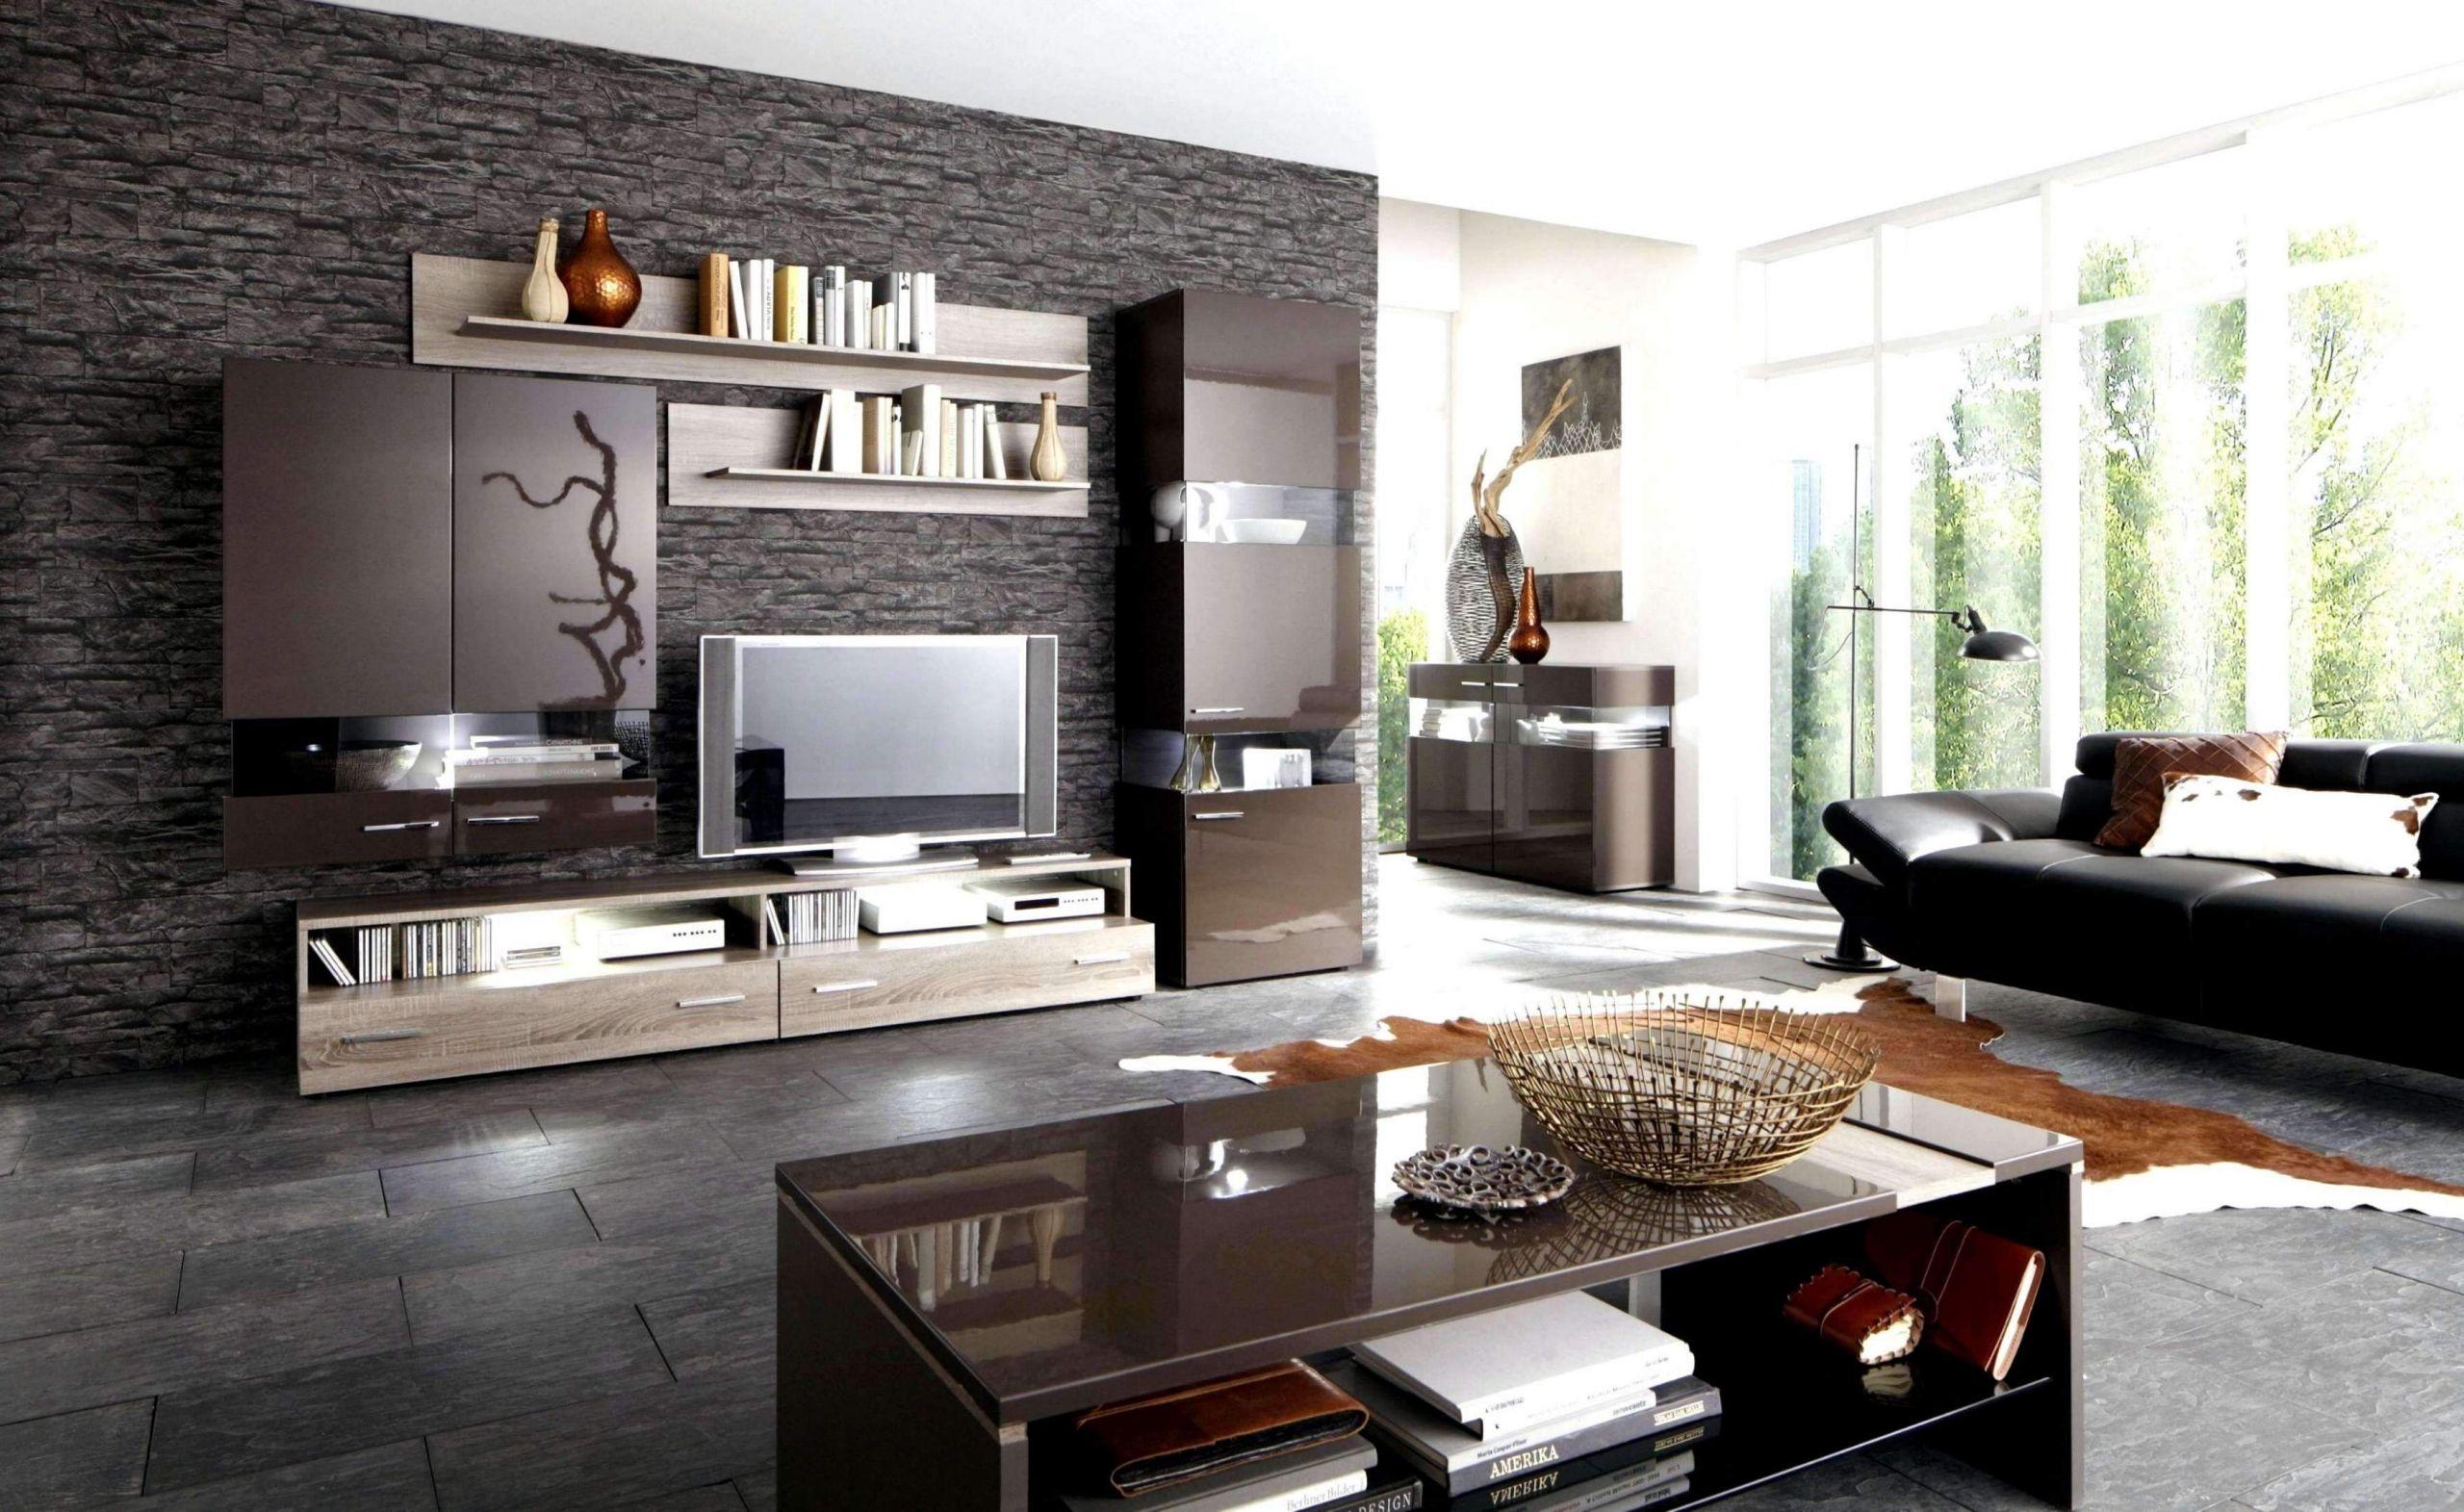 kleine tische fur wohnzimmer luxus tisch fur wohnzimmer konzept tipps von experten in sem jahr of kleine tische fur wohnzimmer